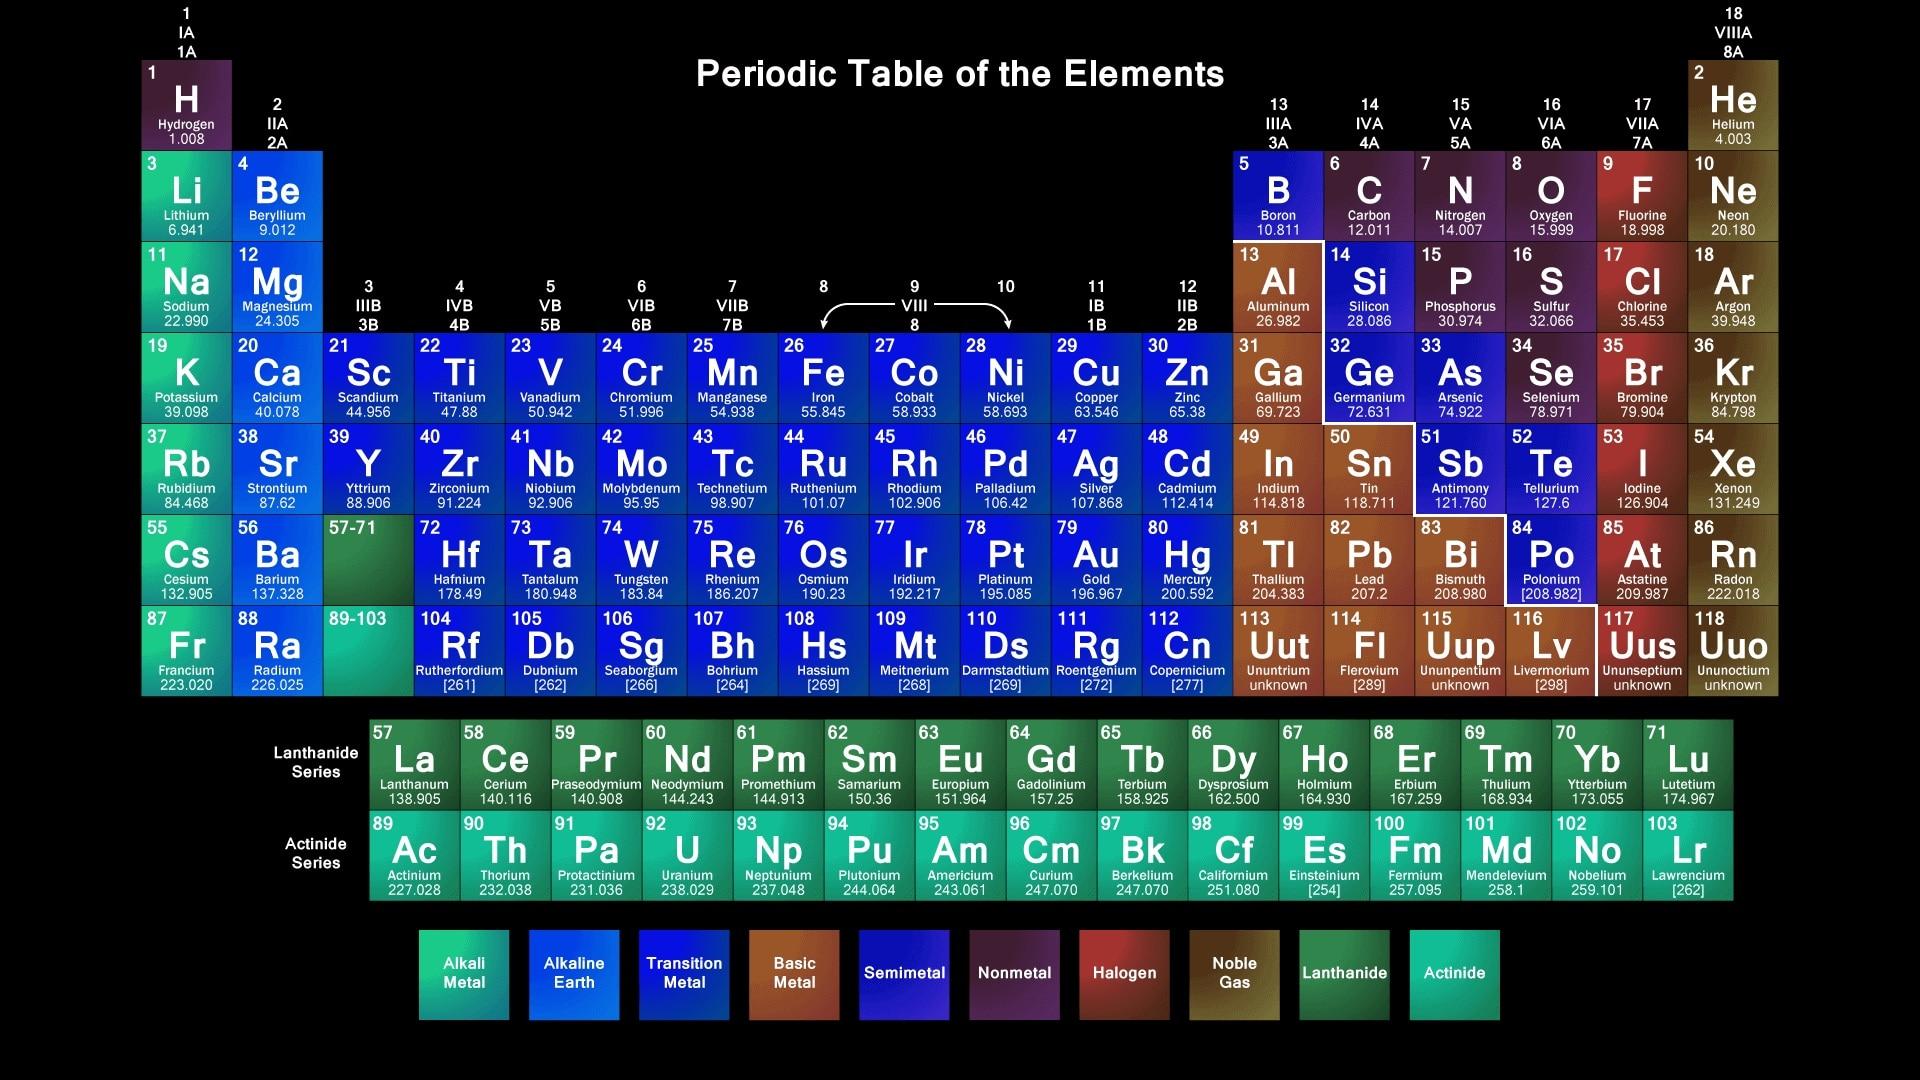 Tavola periodica degli elementi poster di stoffa 43x24 24x13 stampa 01 in tavola periodica - Poster tavola periodica degli elementi ...